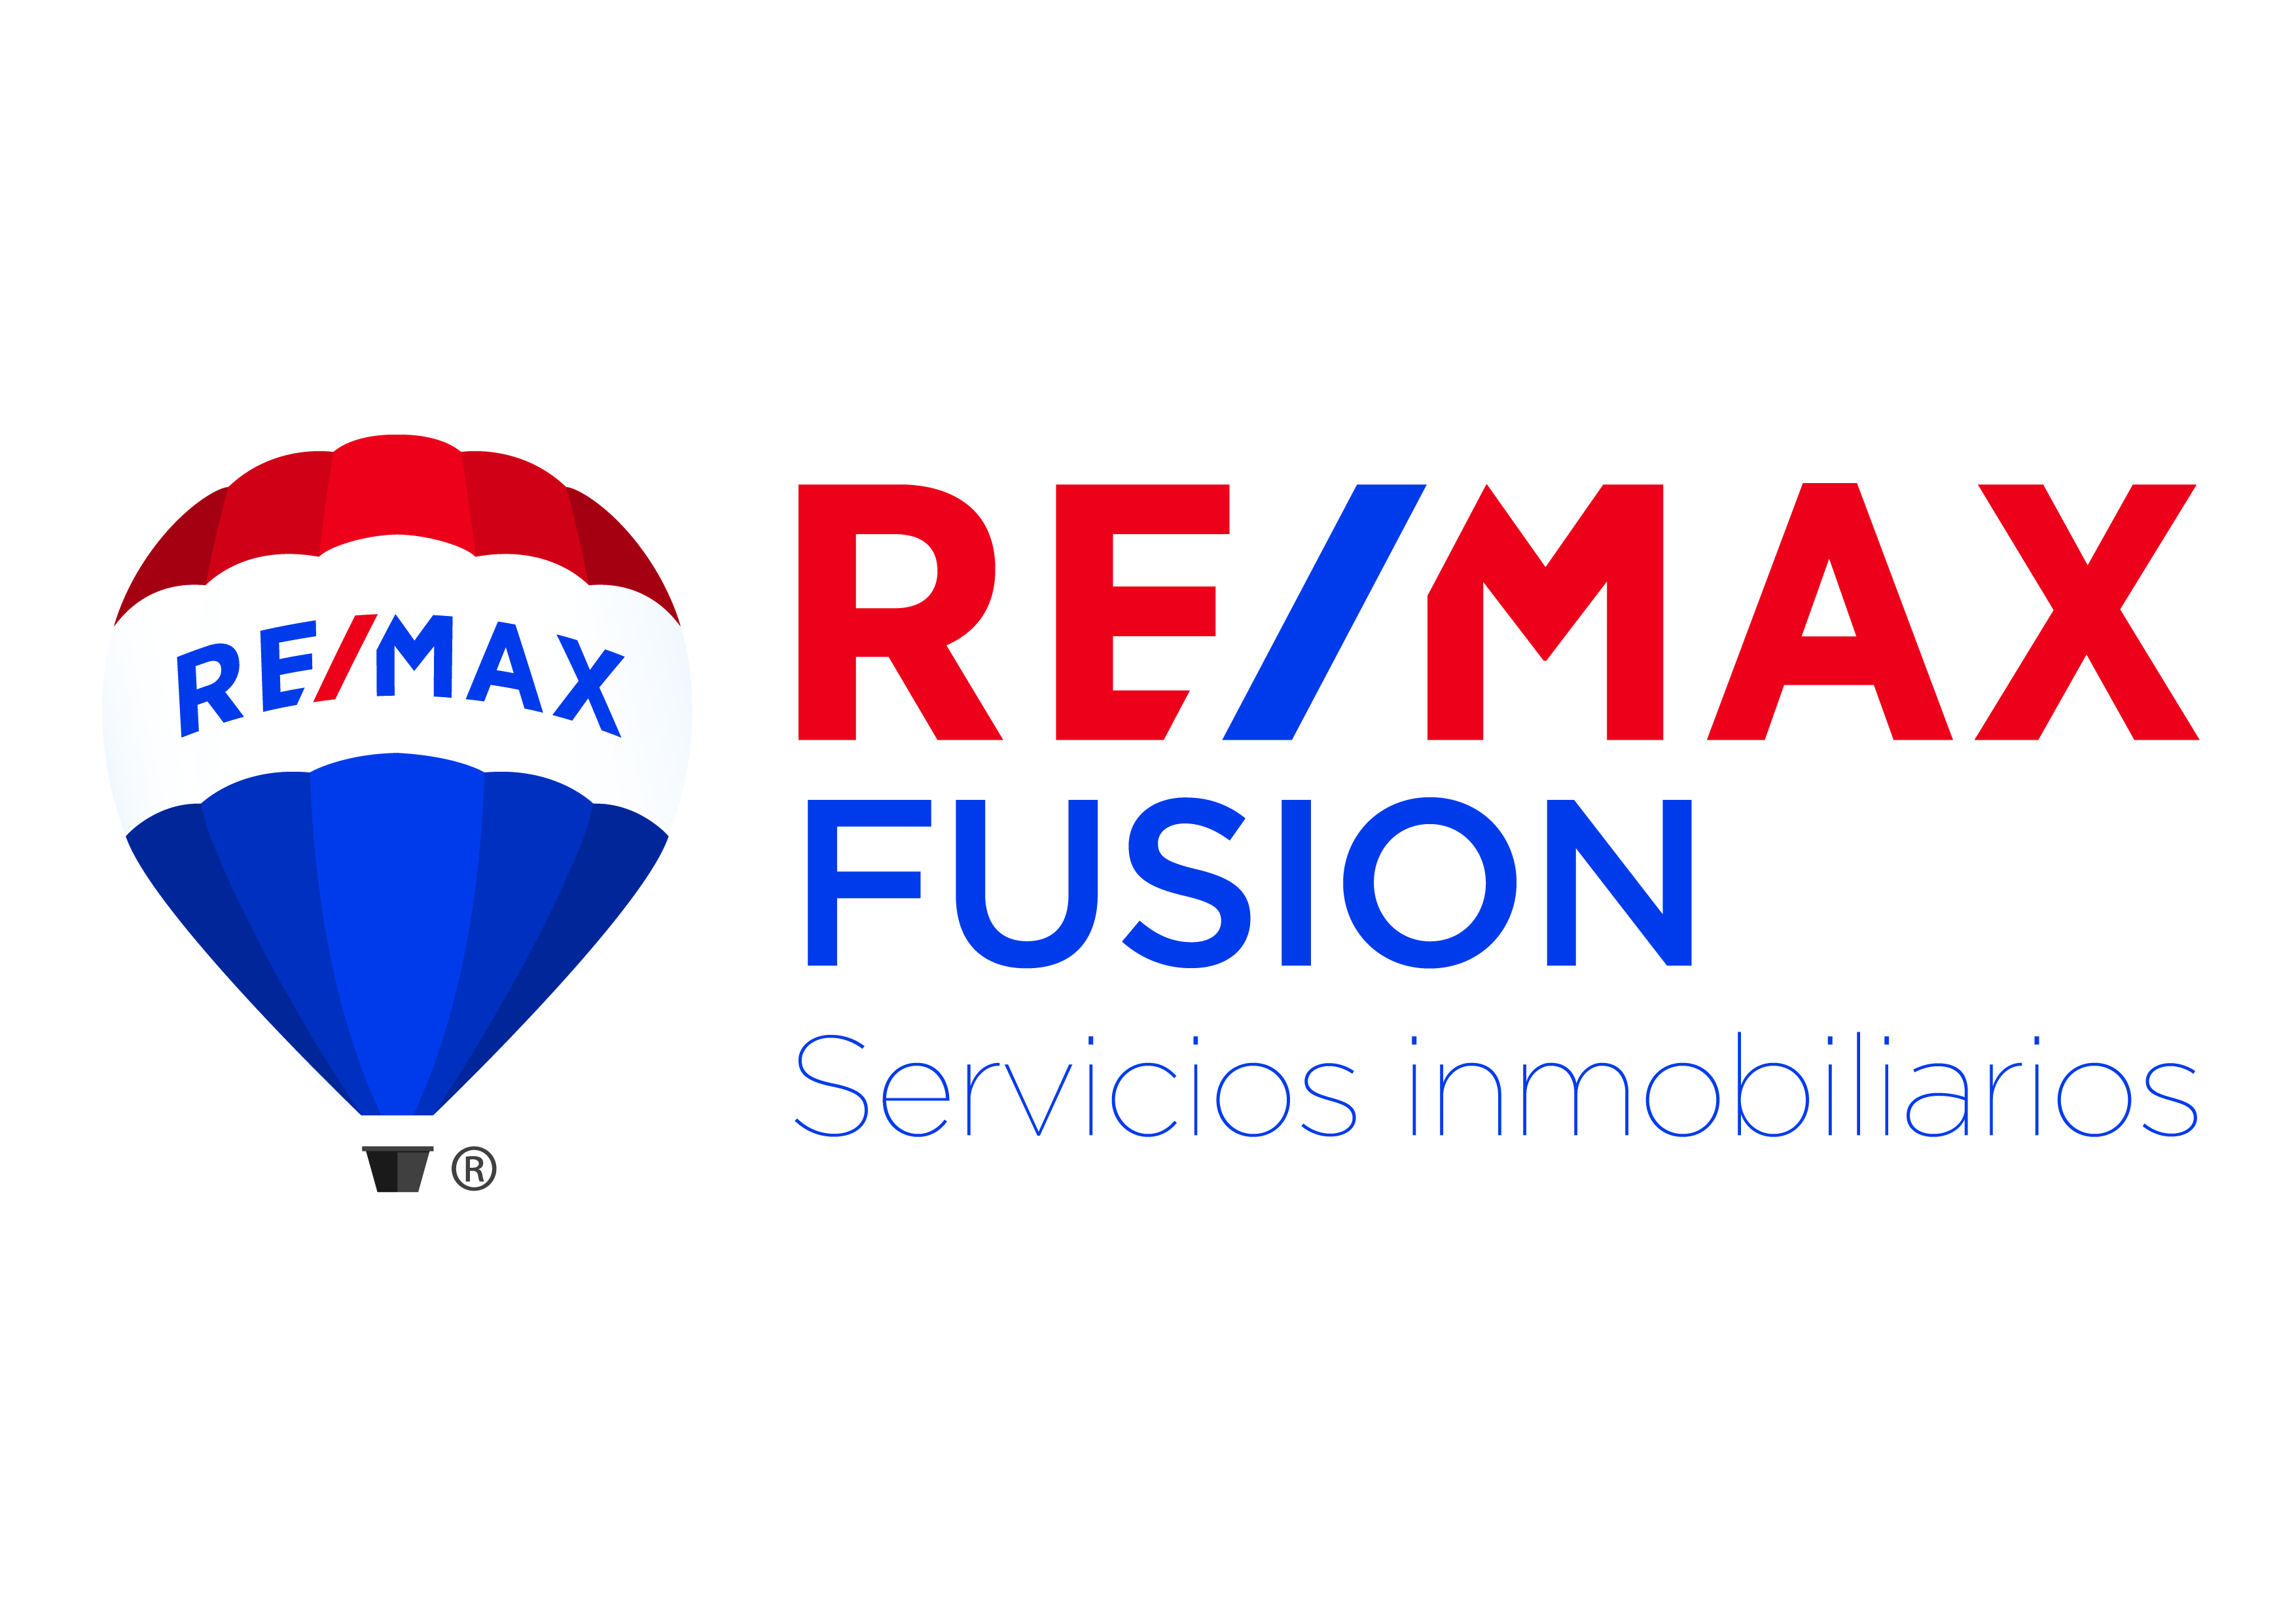 RE/MAX Fusión